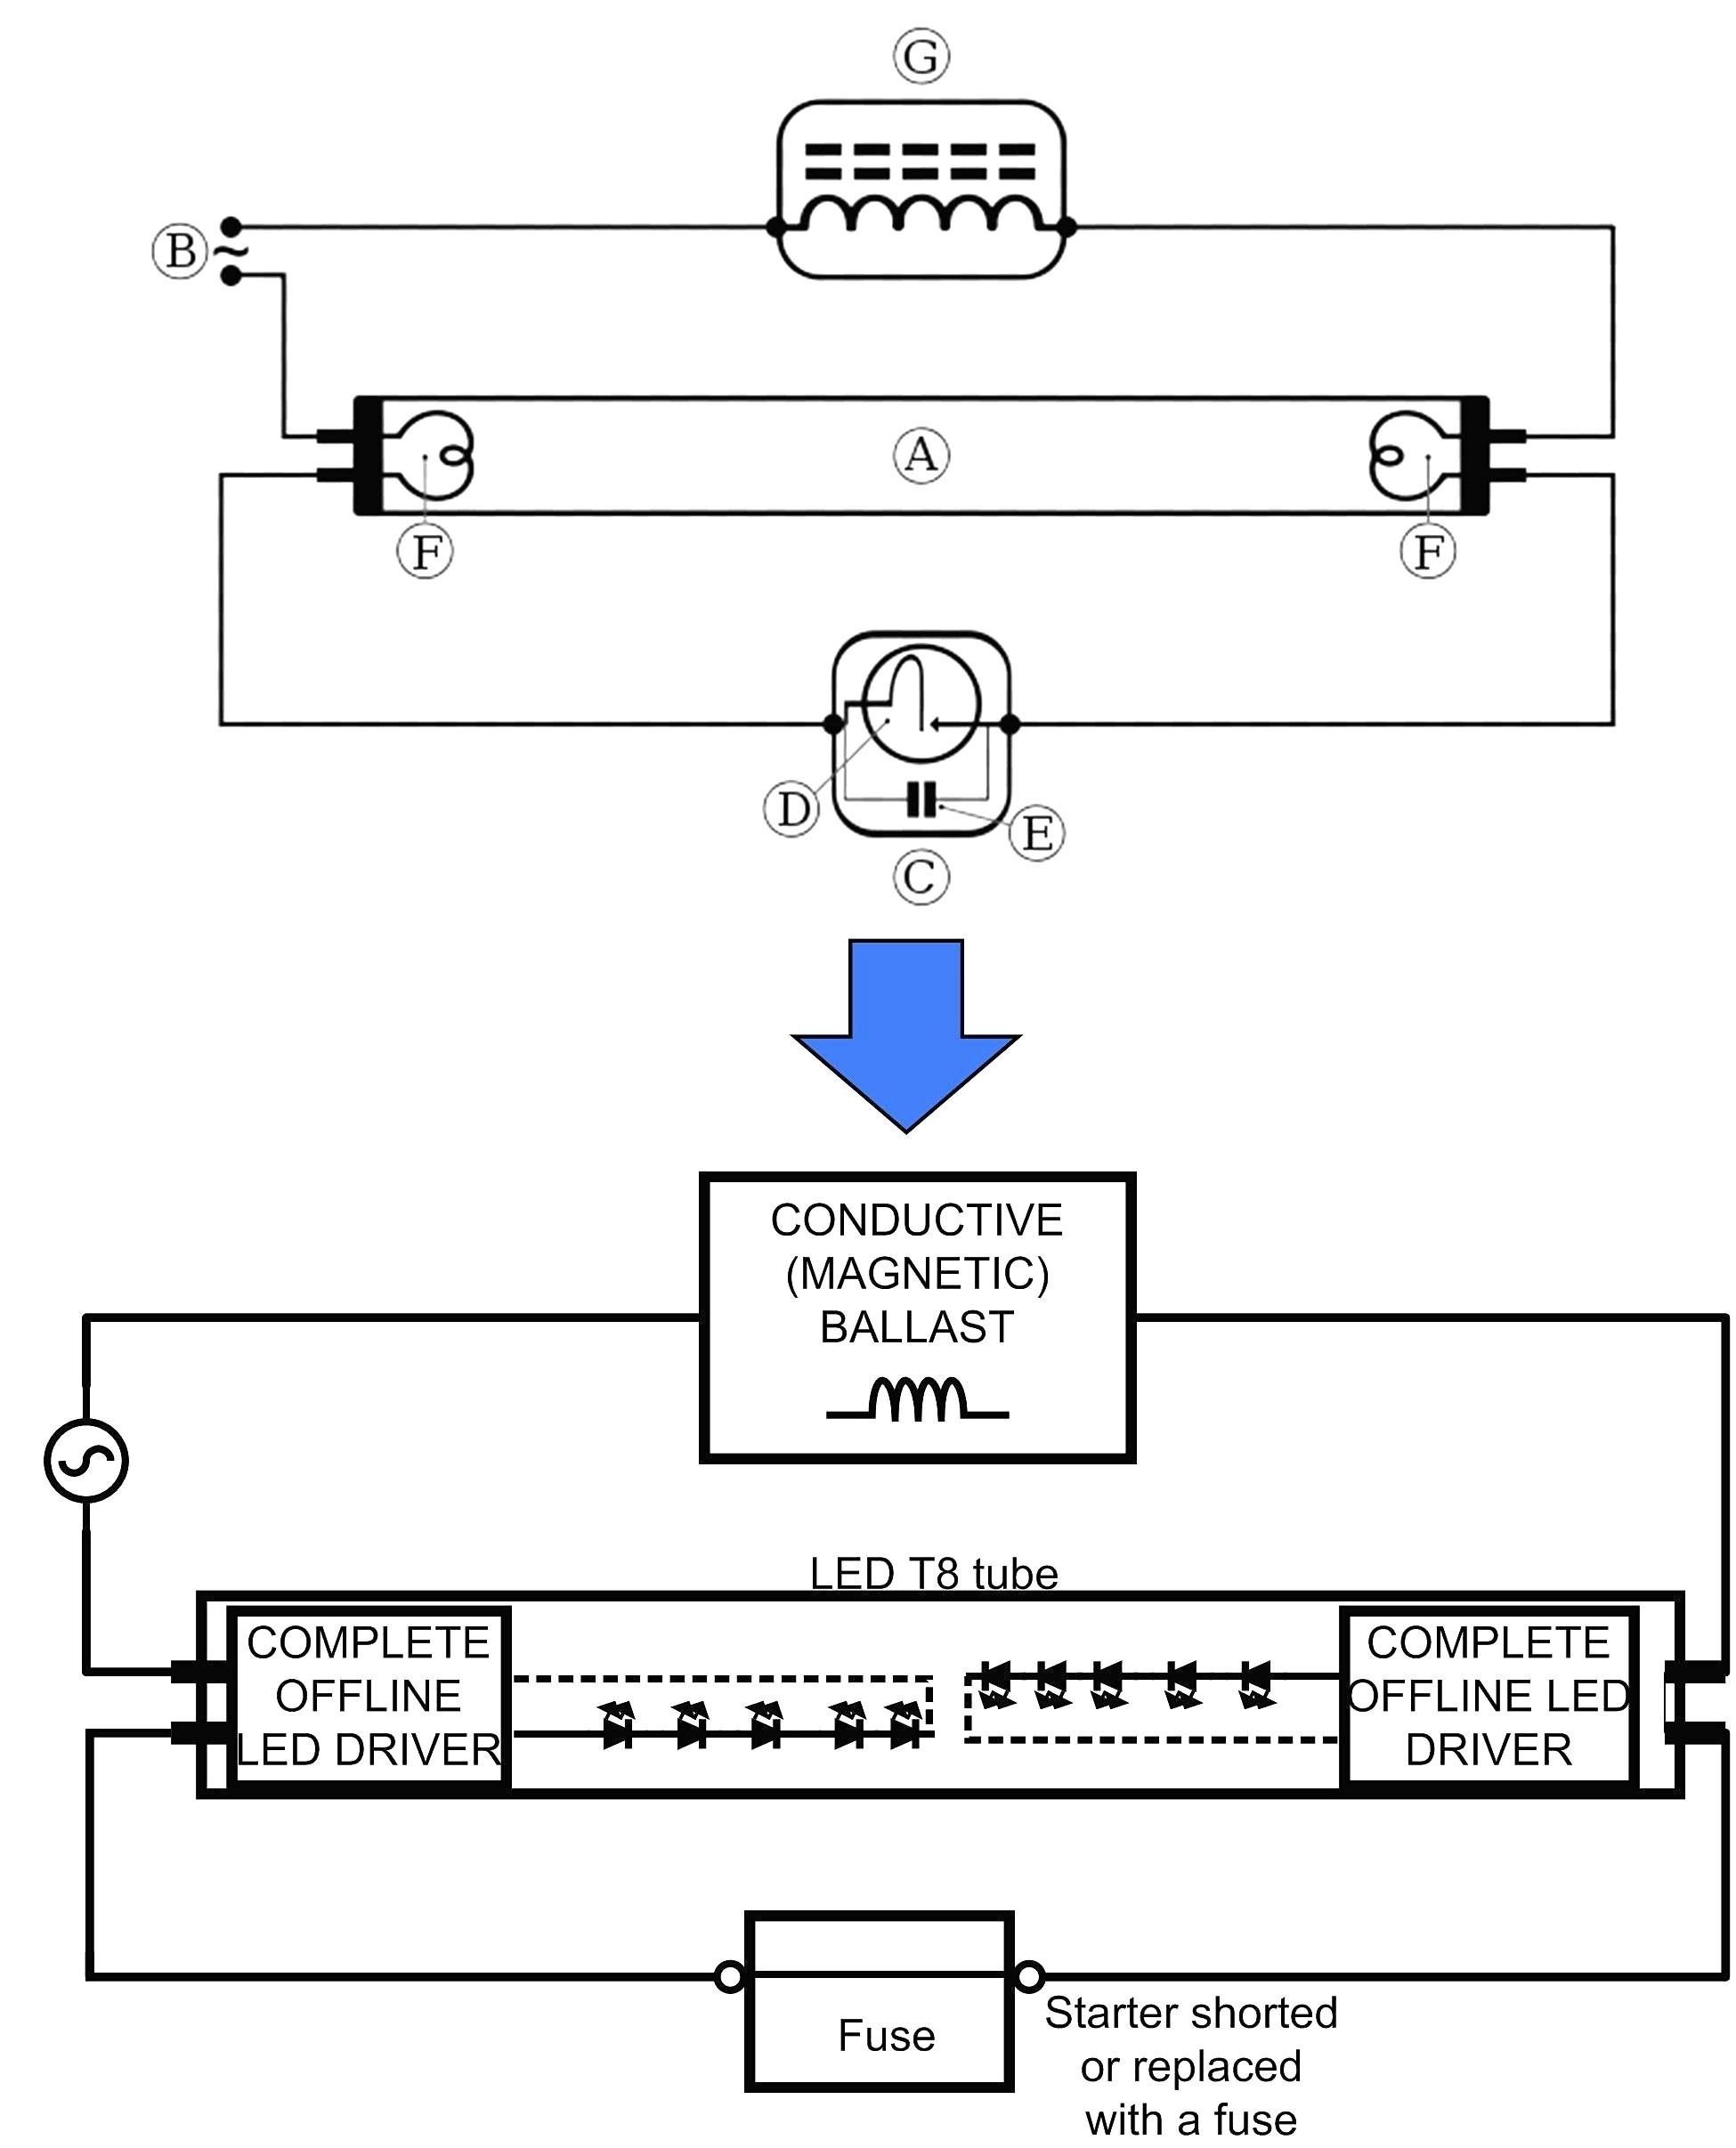 Wiring Diagram for Led Fluorescent Light New Wiring Diagram Led Tube Philips Refrence Philips Led Tube